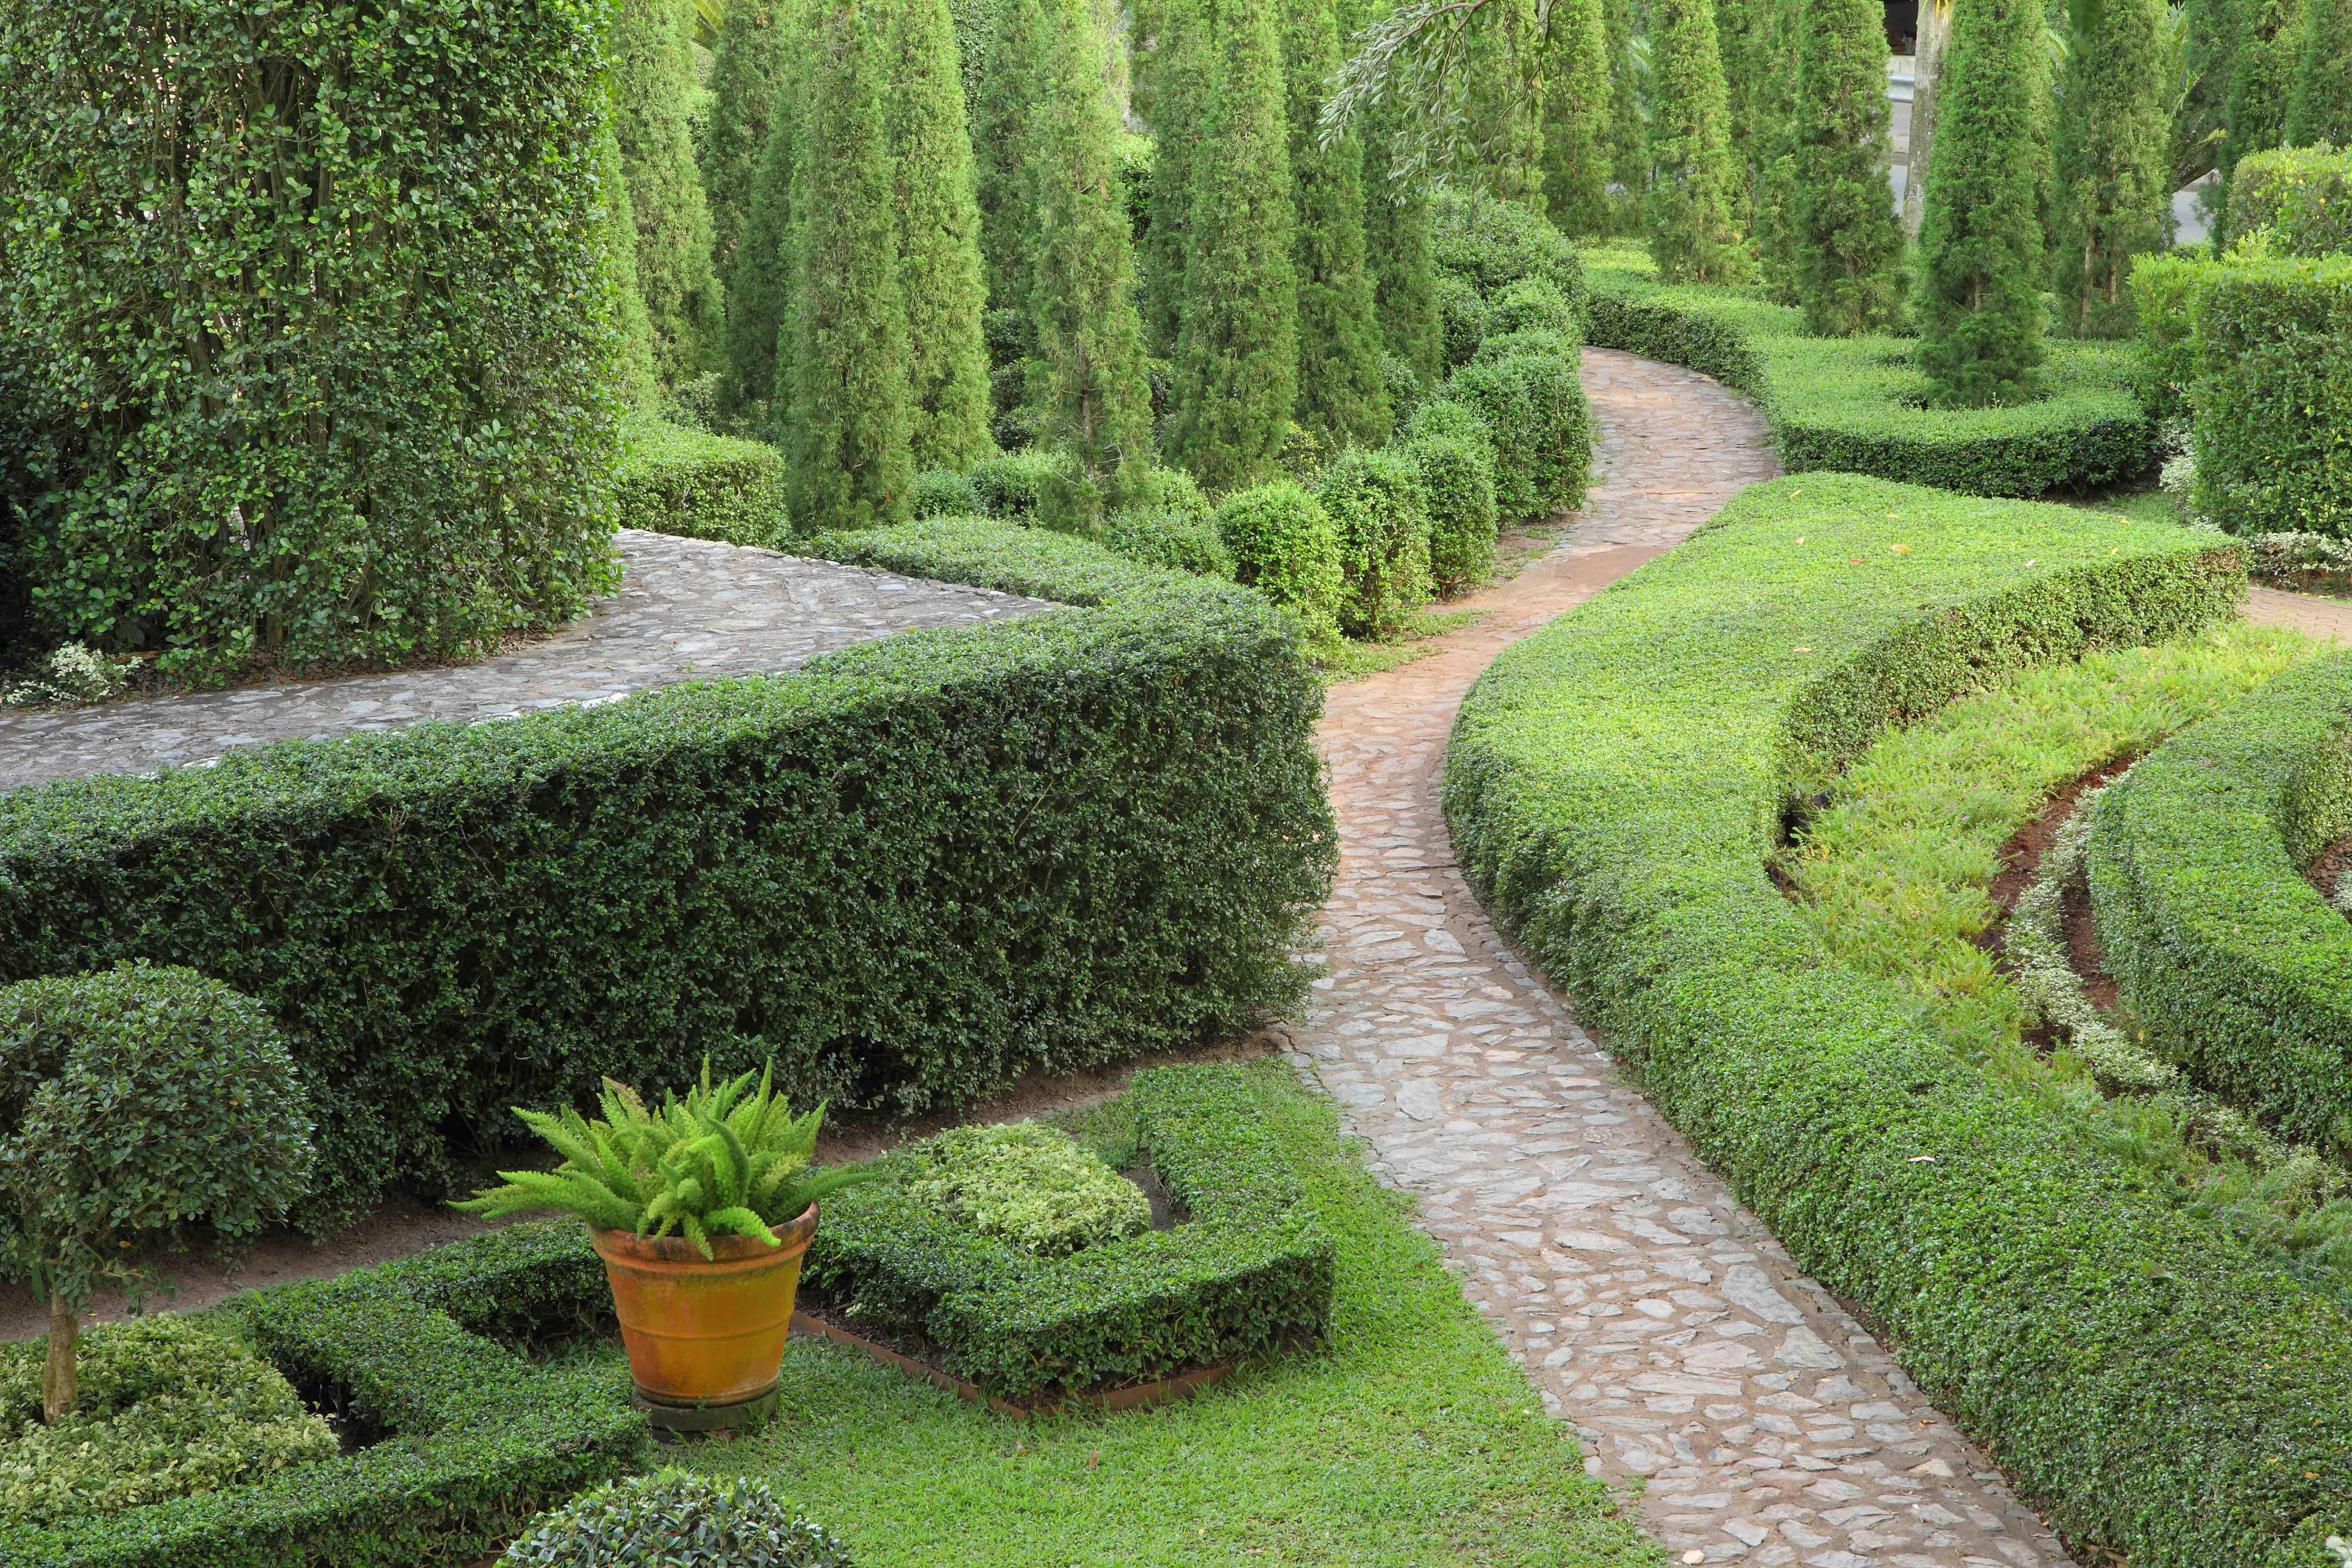 Garden Design 2 - Reaseheath College